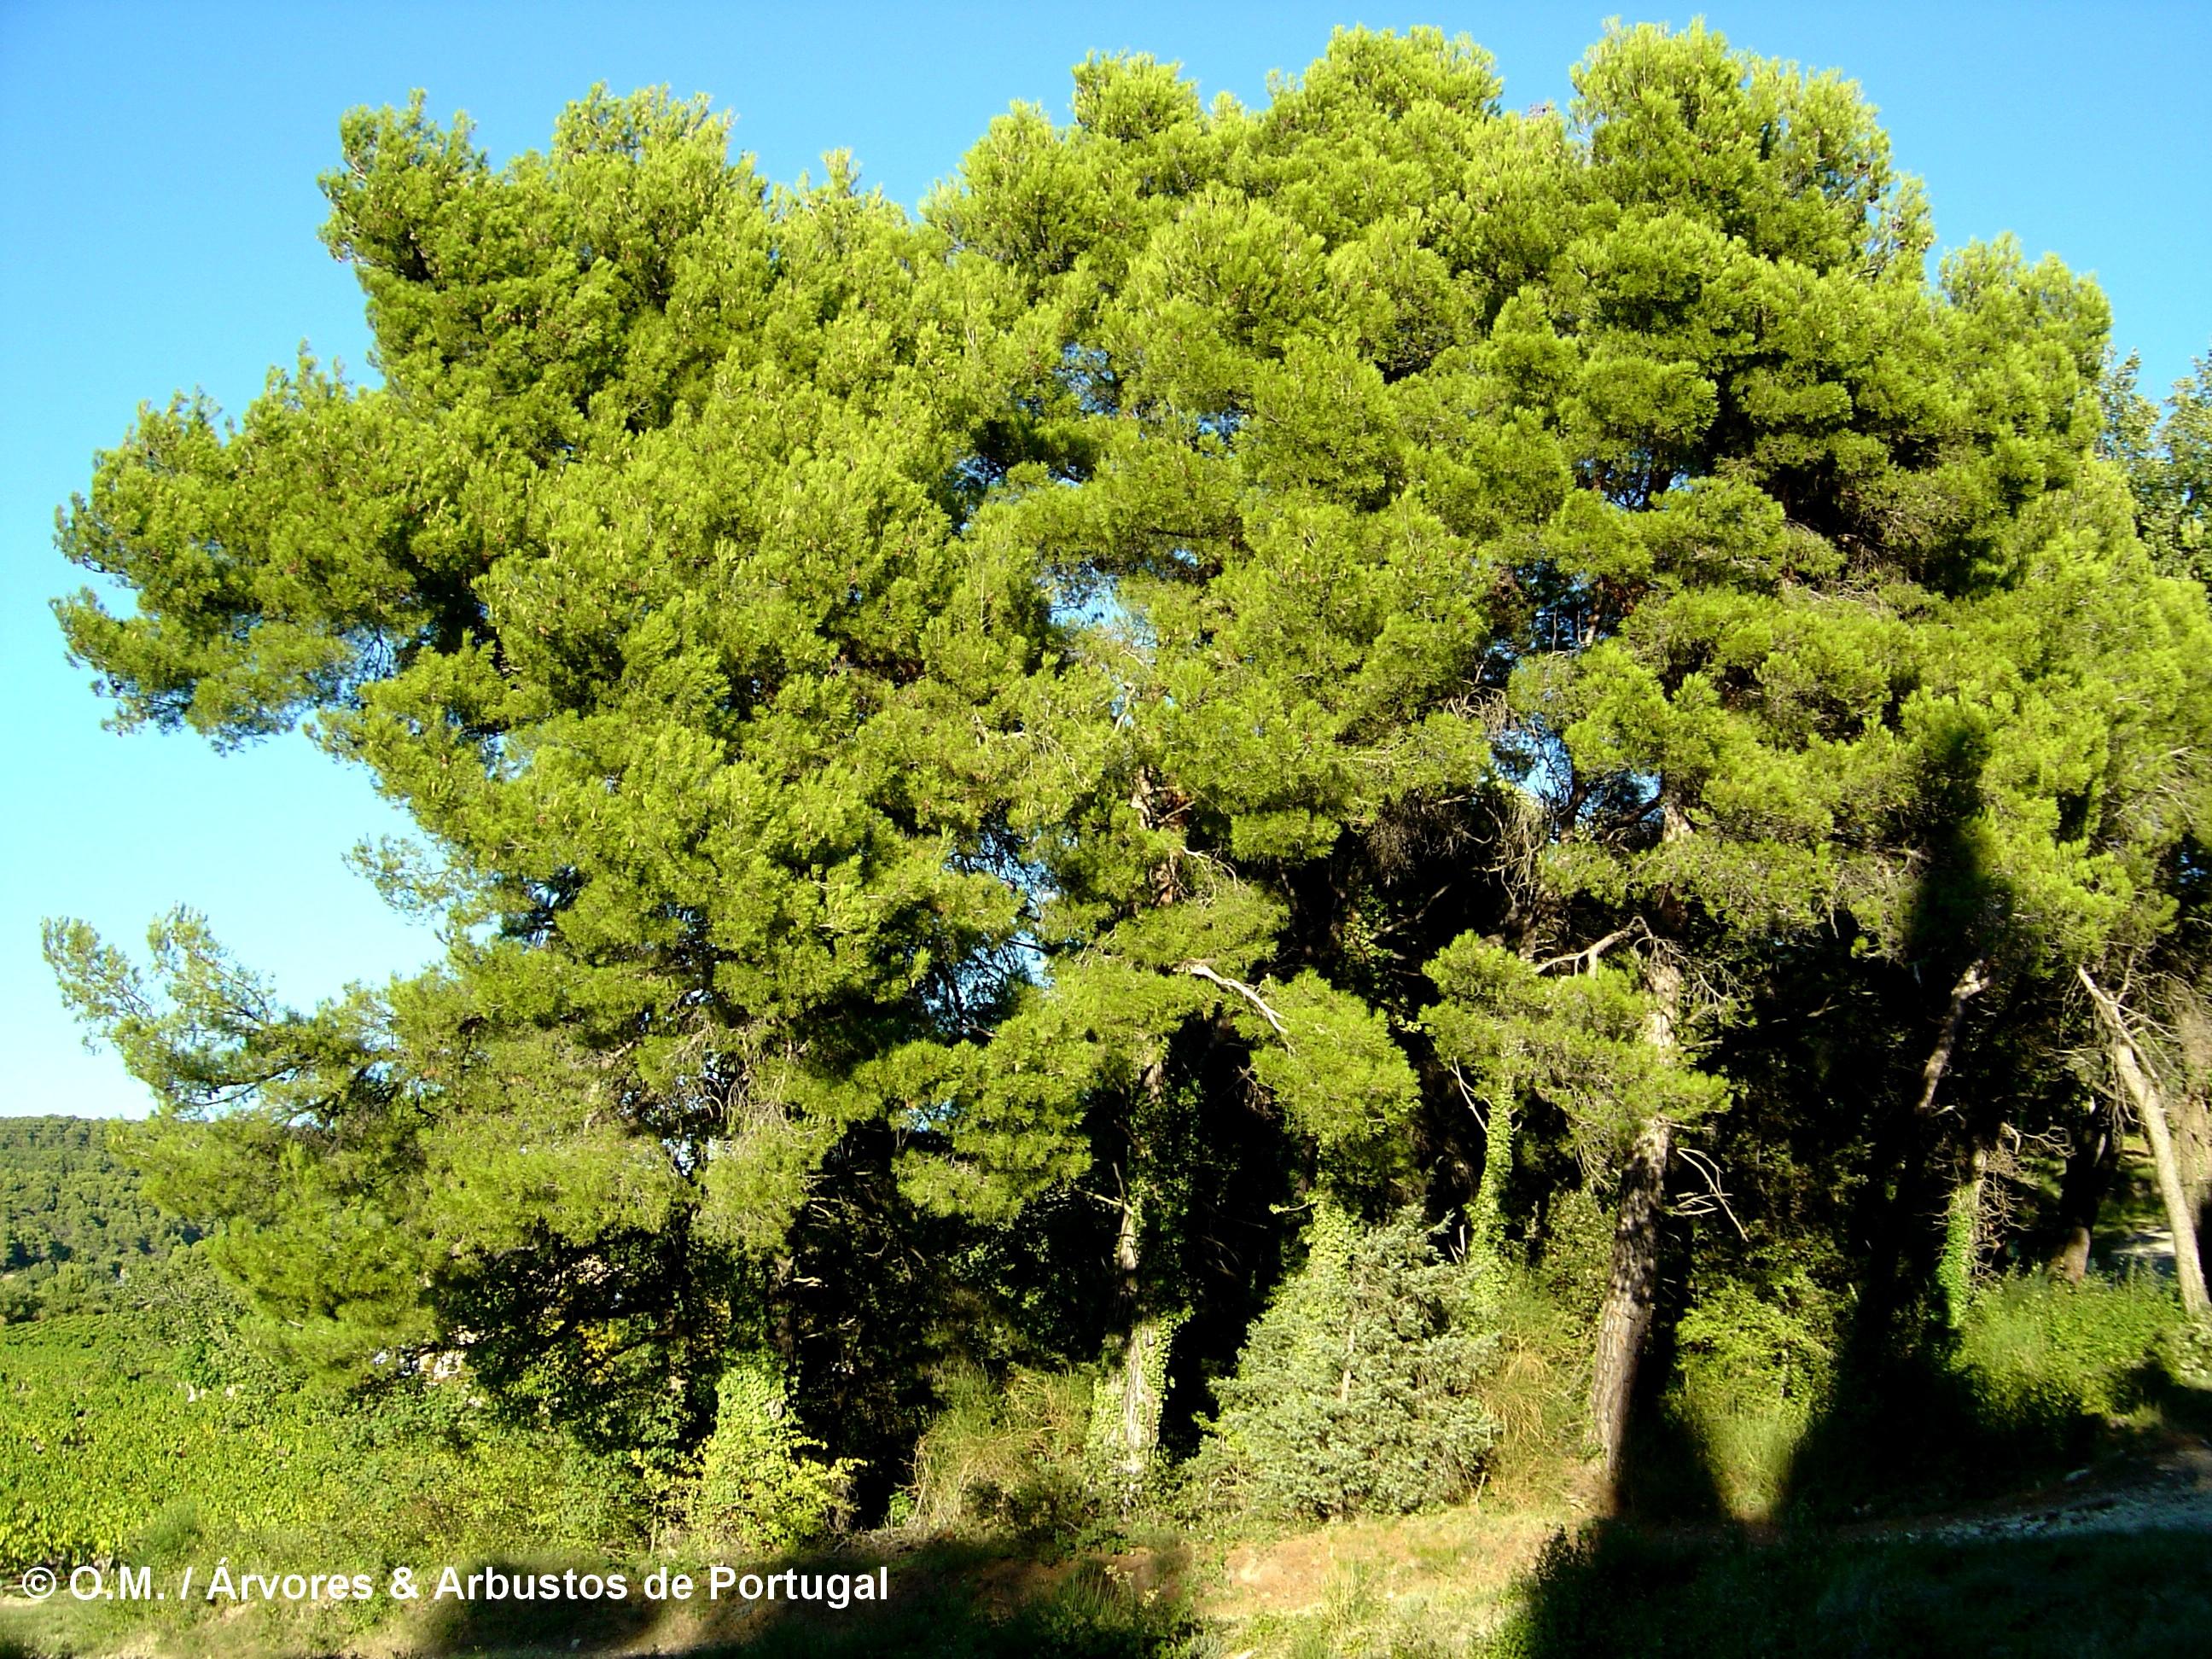 grupo de pinheiros-de-alepo – Pinus halepensis